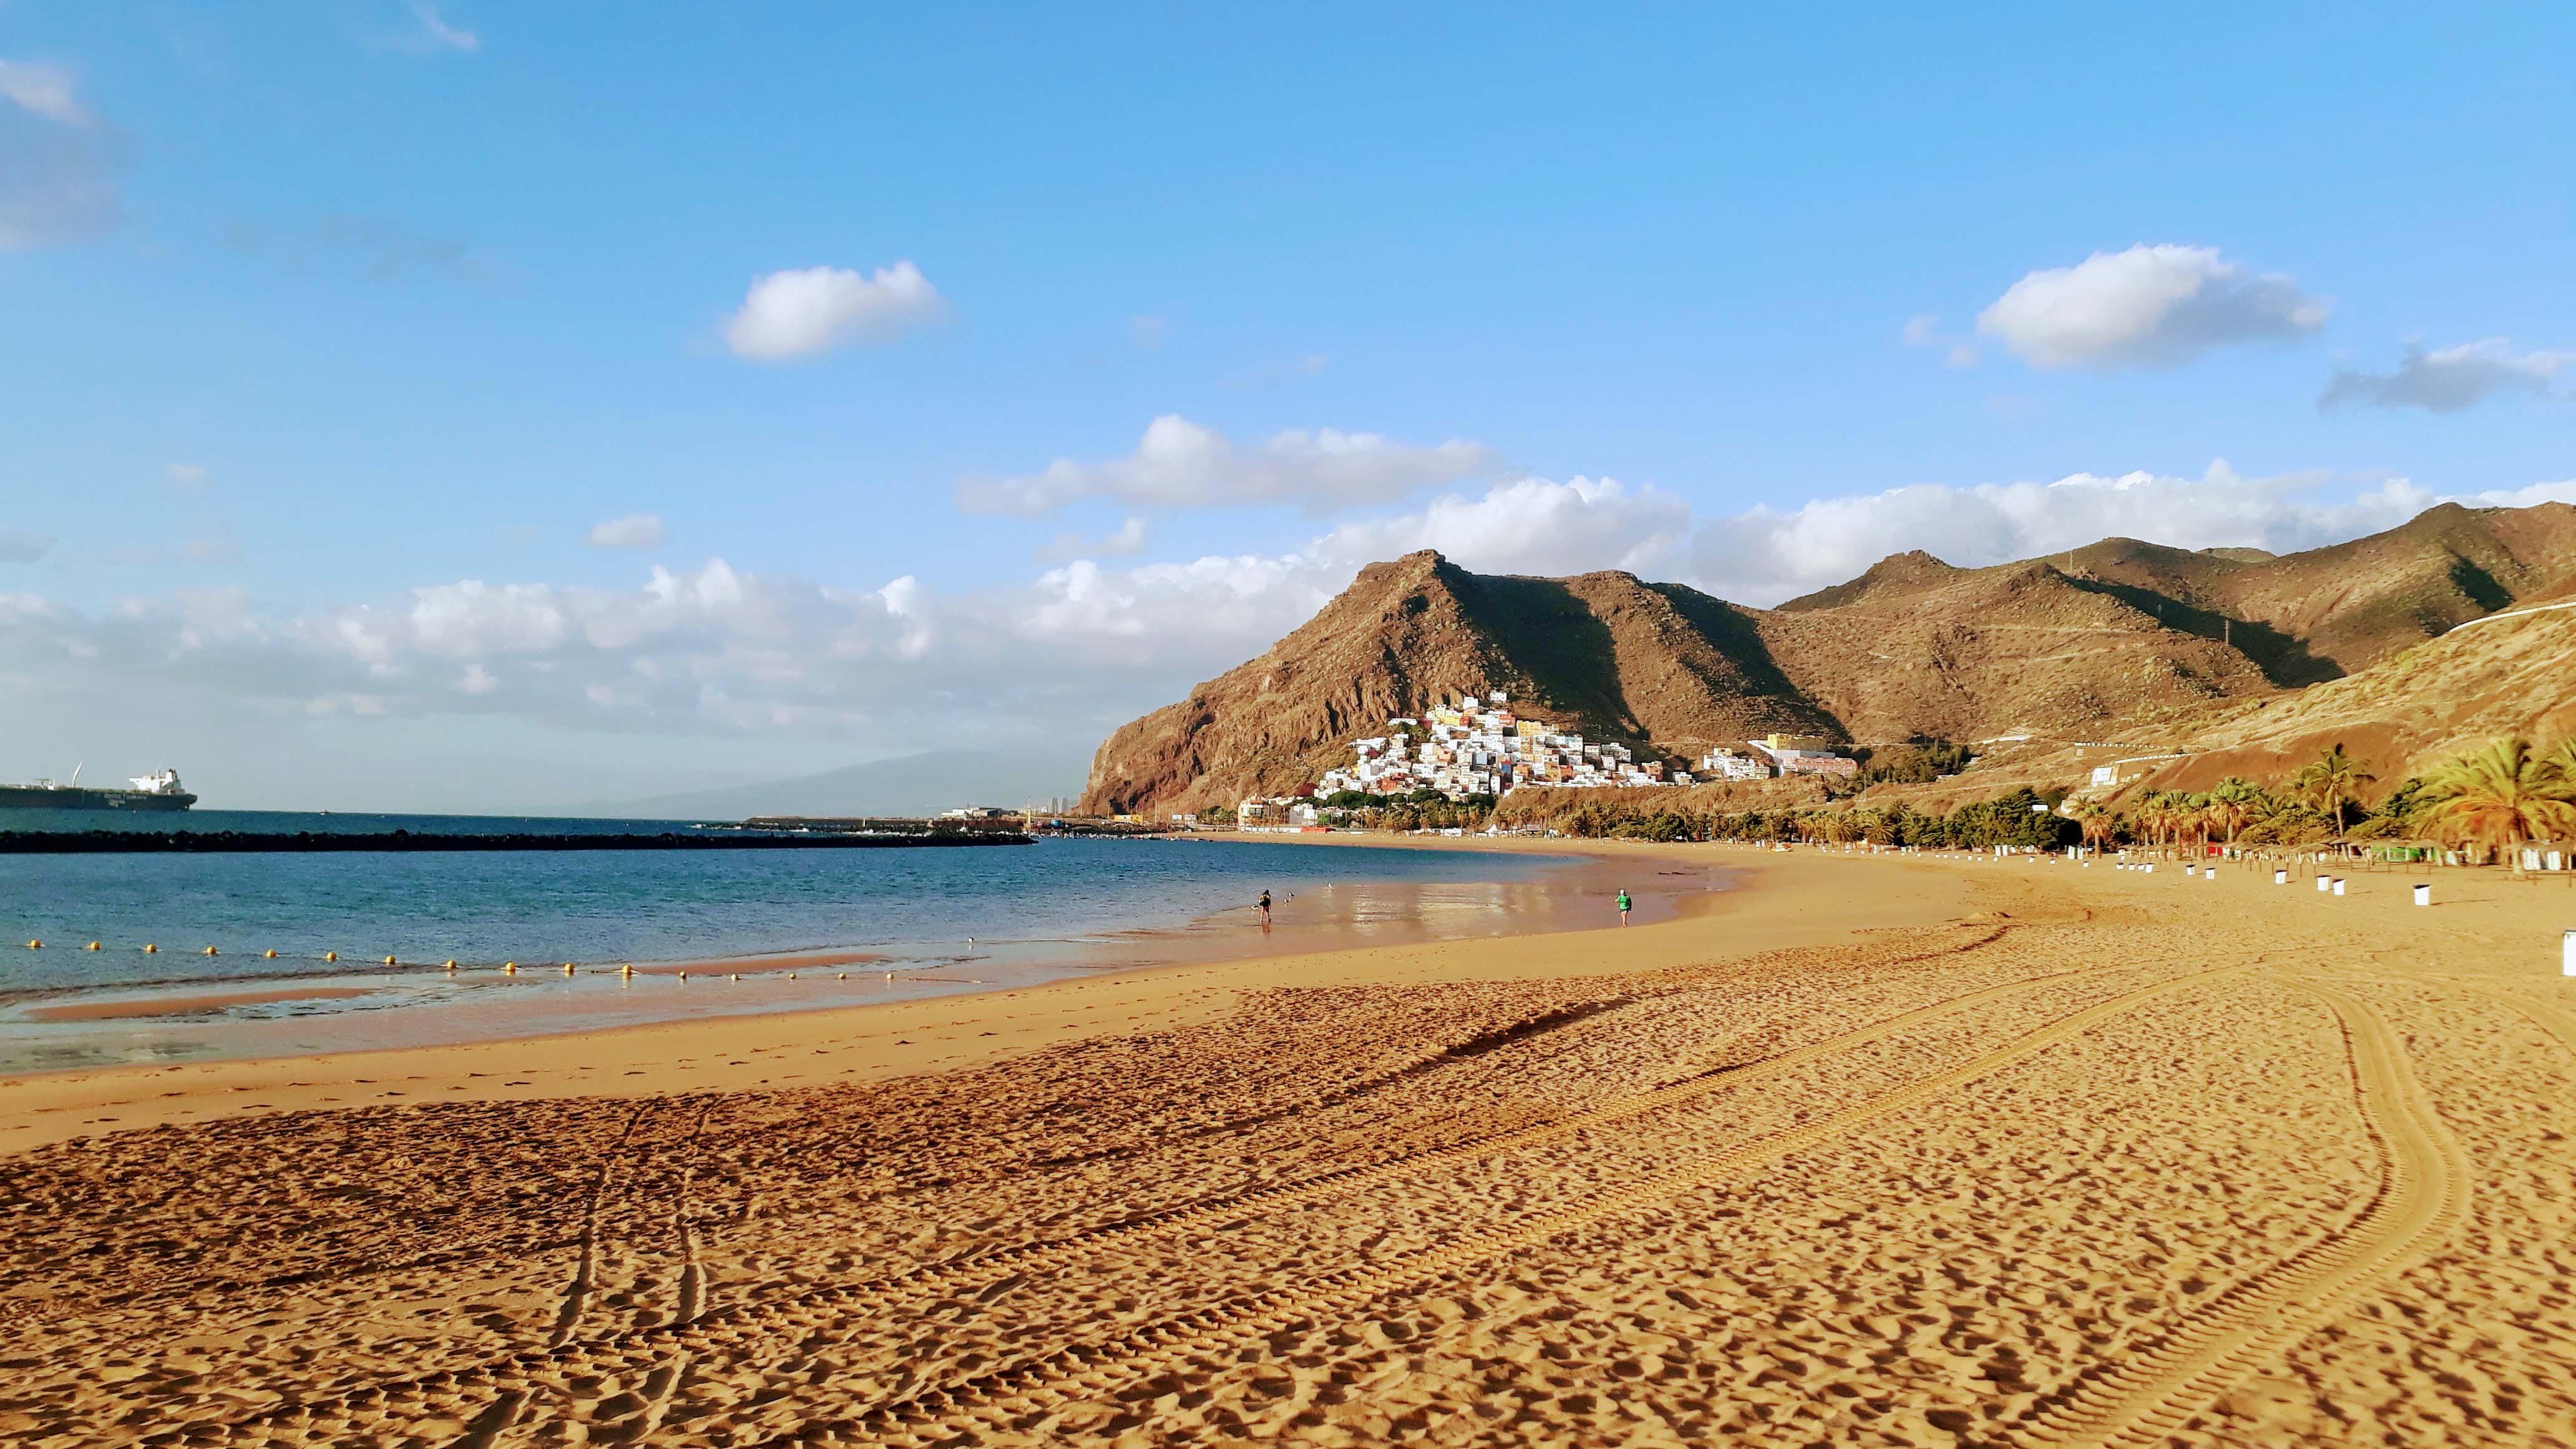 Playa de Las Teresitas bei San Andrés